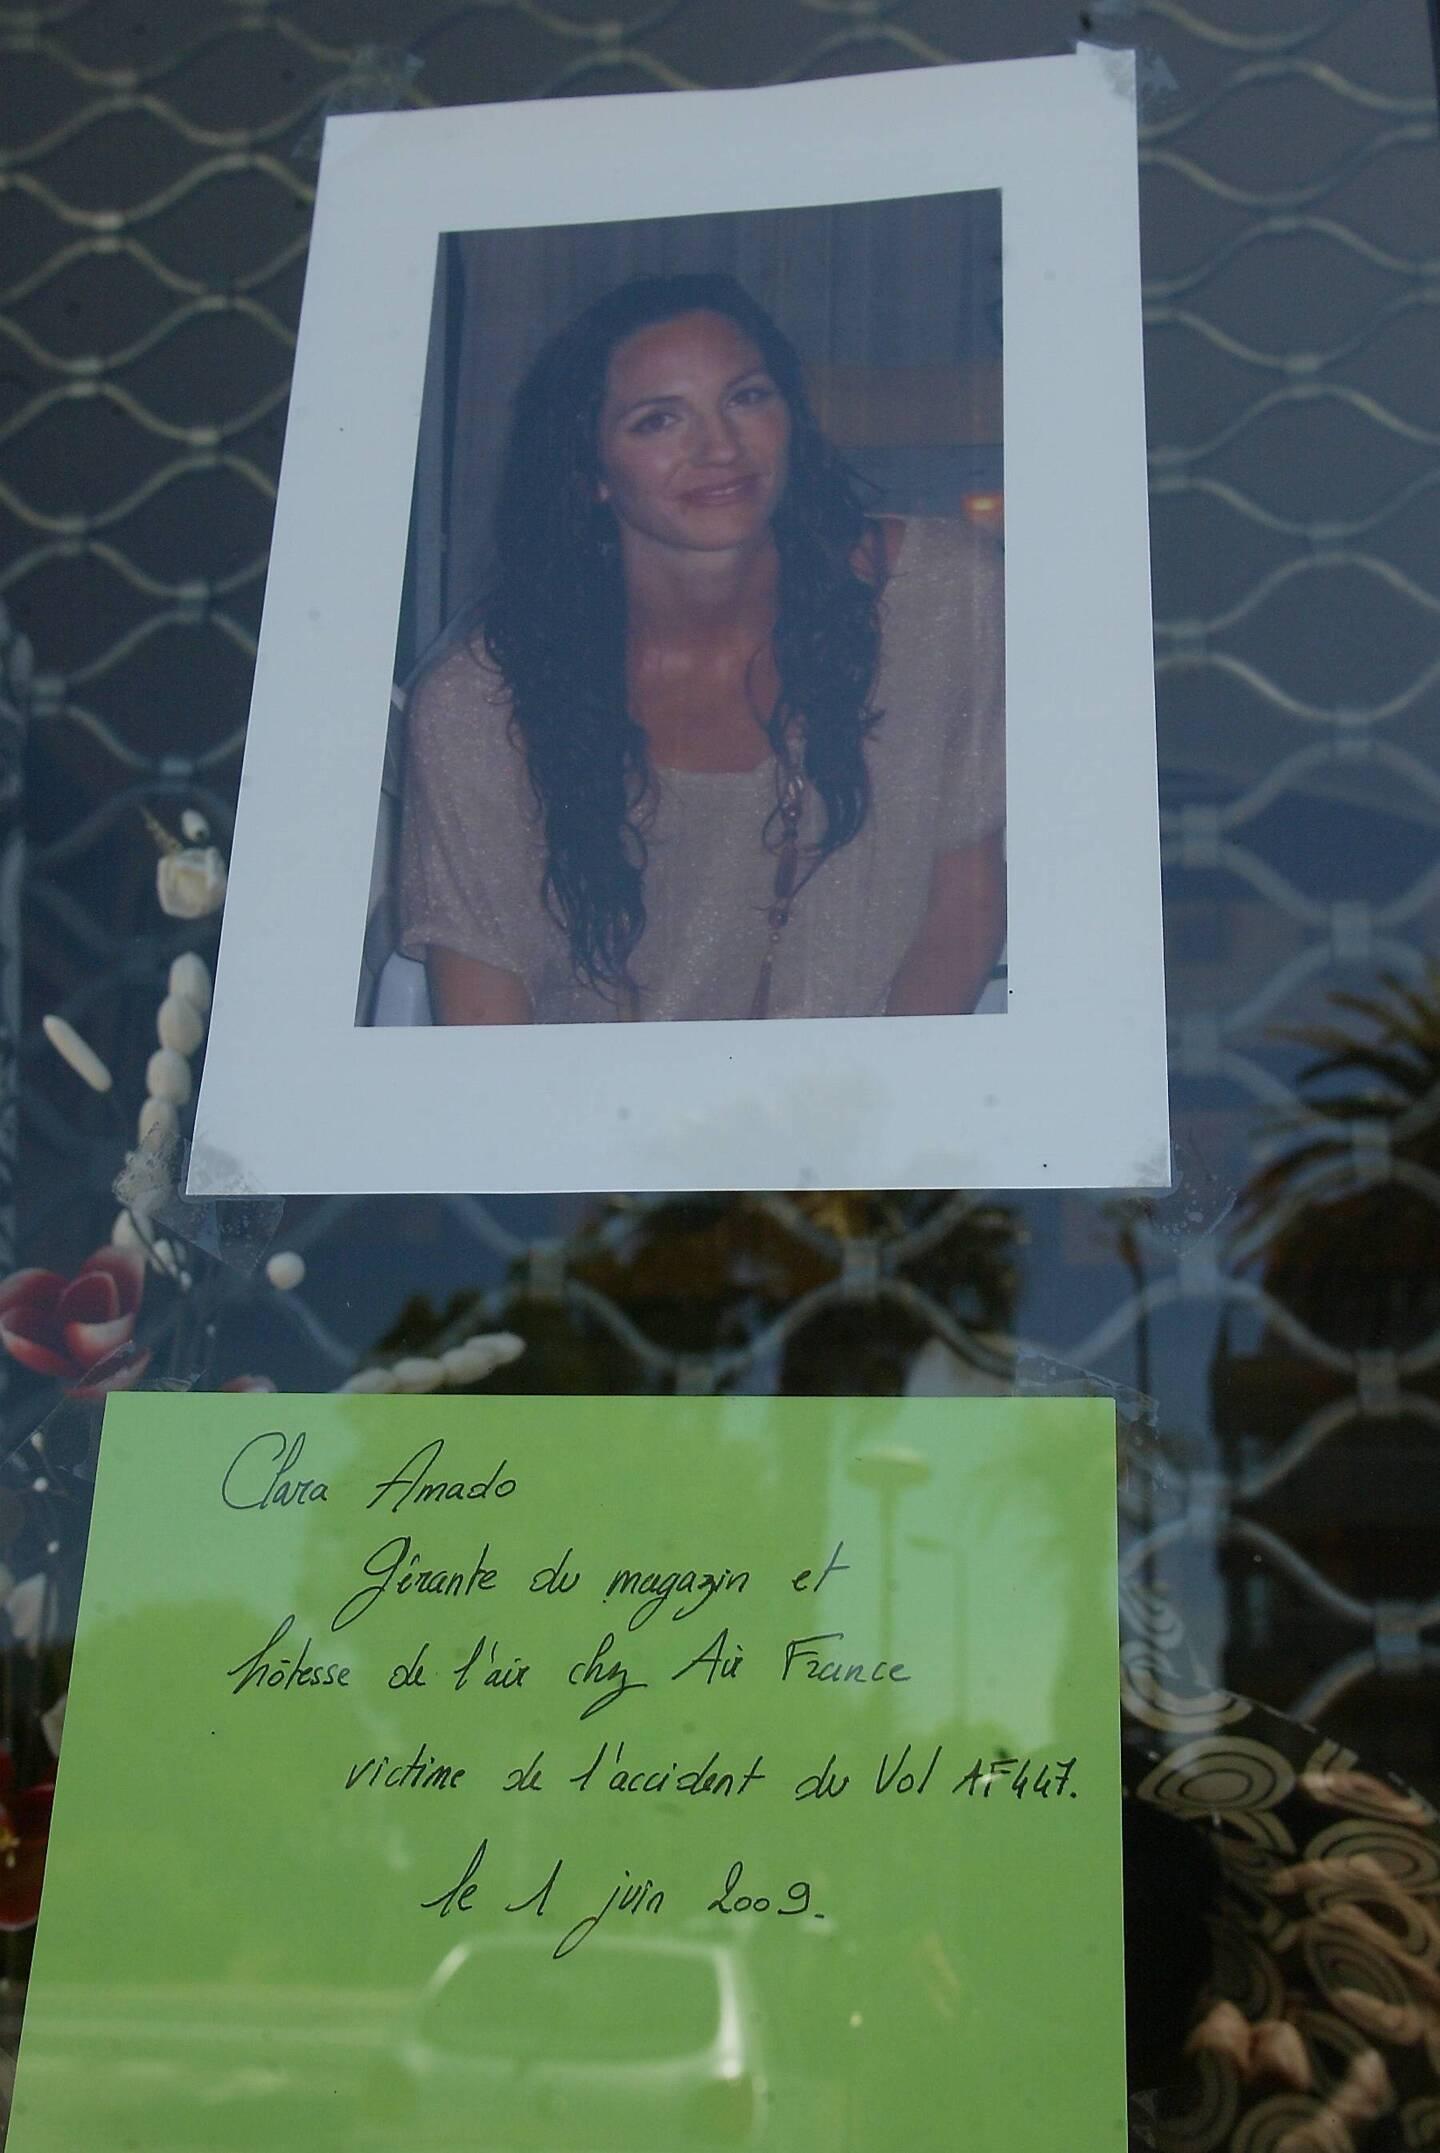 Au lendemain du drame, la photo de Clara Amado, du crash du Rio-Paris, avait été collée sur la vitrine de la boutique que l'hôtesse de l'air gérait au Lavandou.